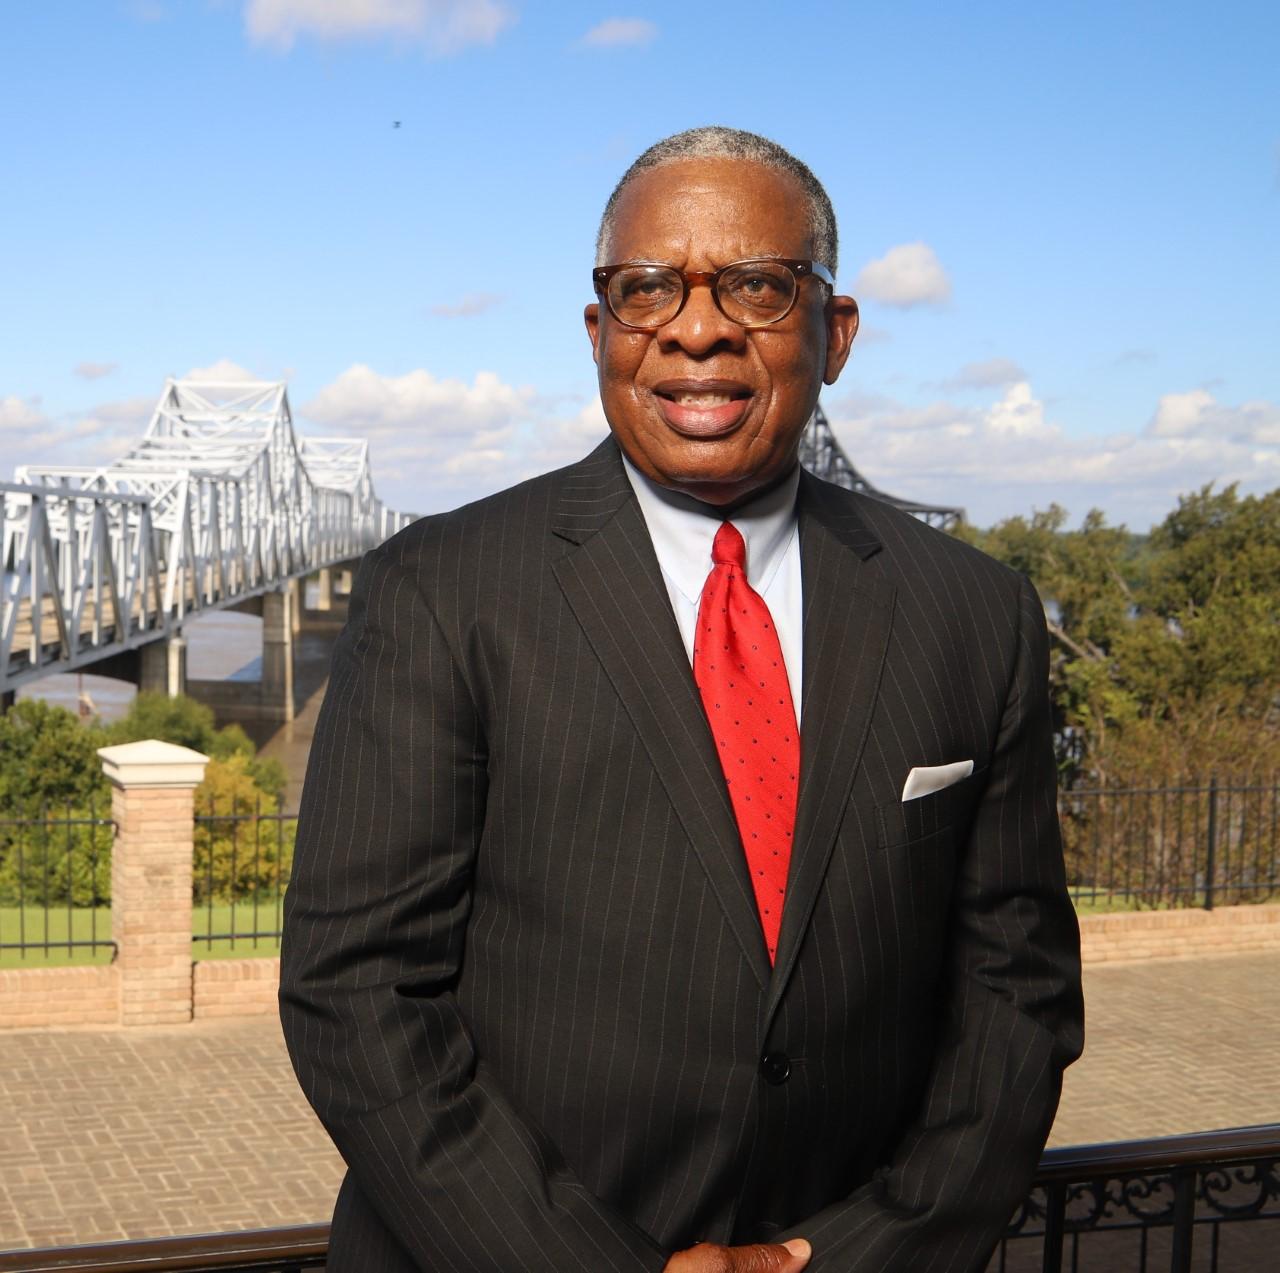 George Flaggs reelected as mayor of Vicksburg | WJTV